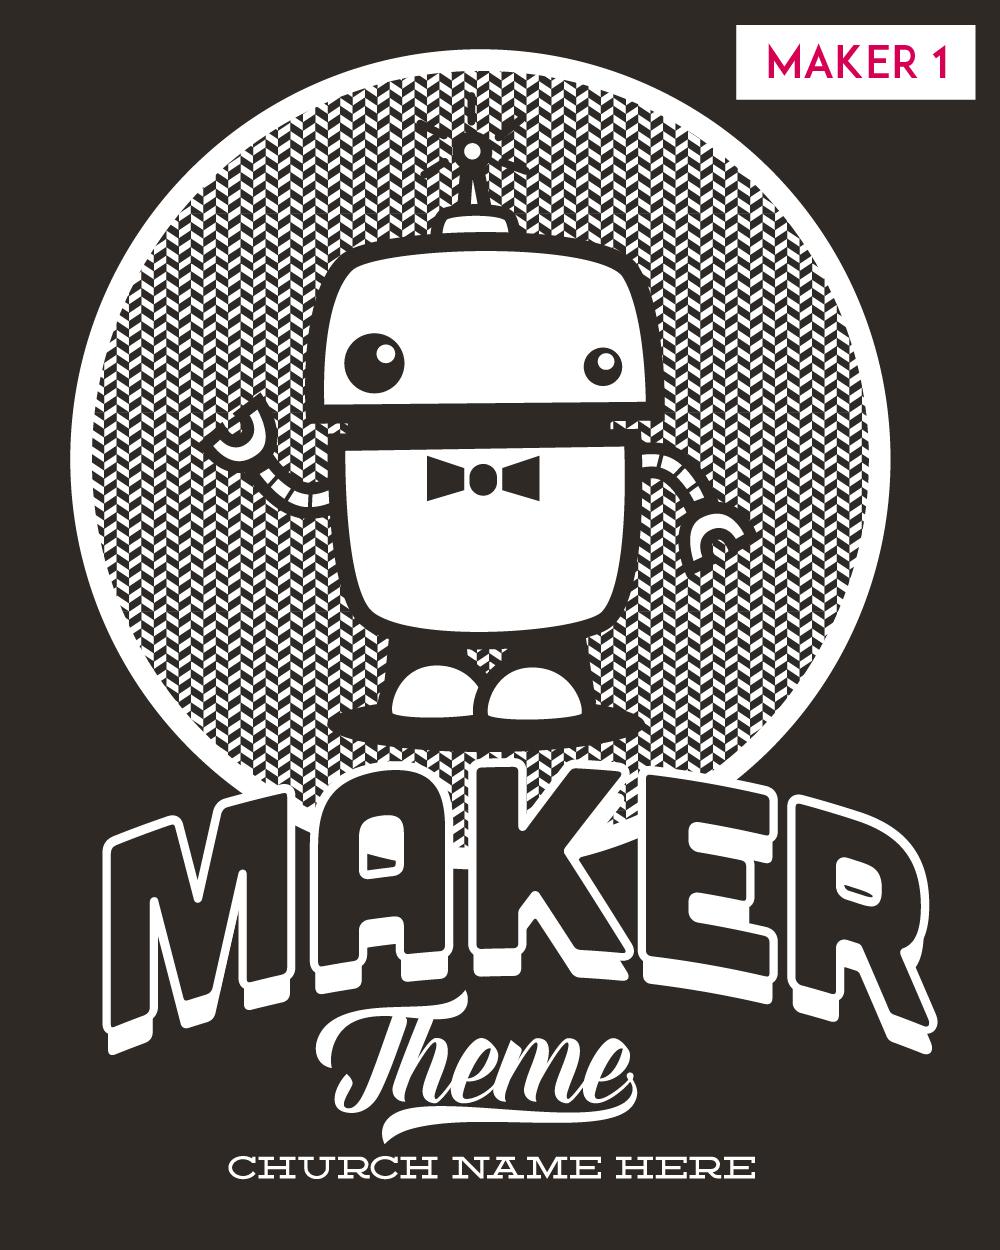 Maker 1-03.jpg